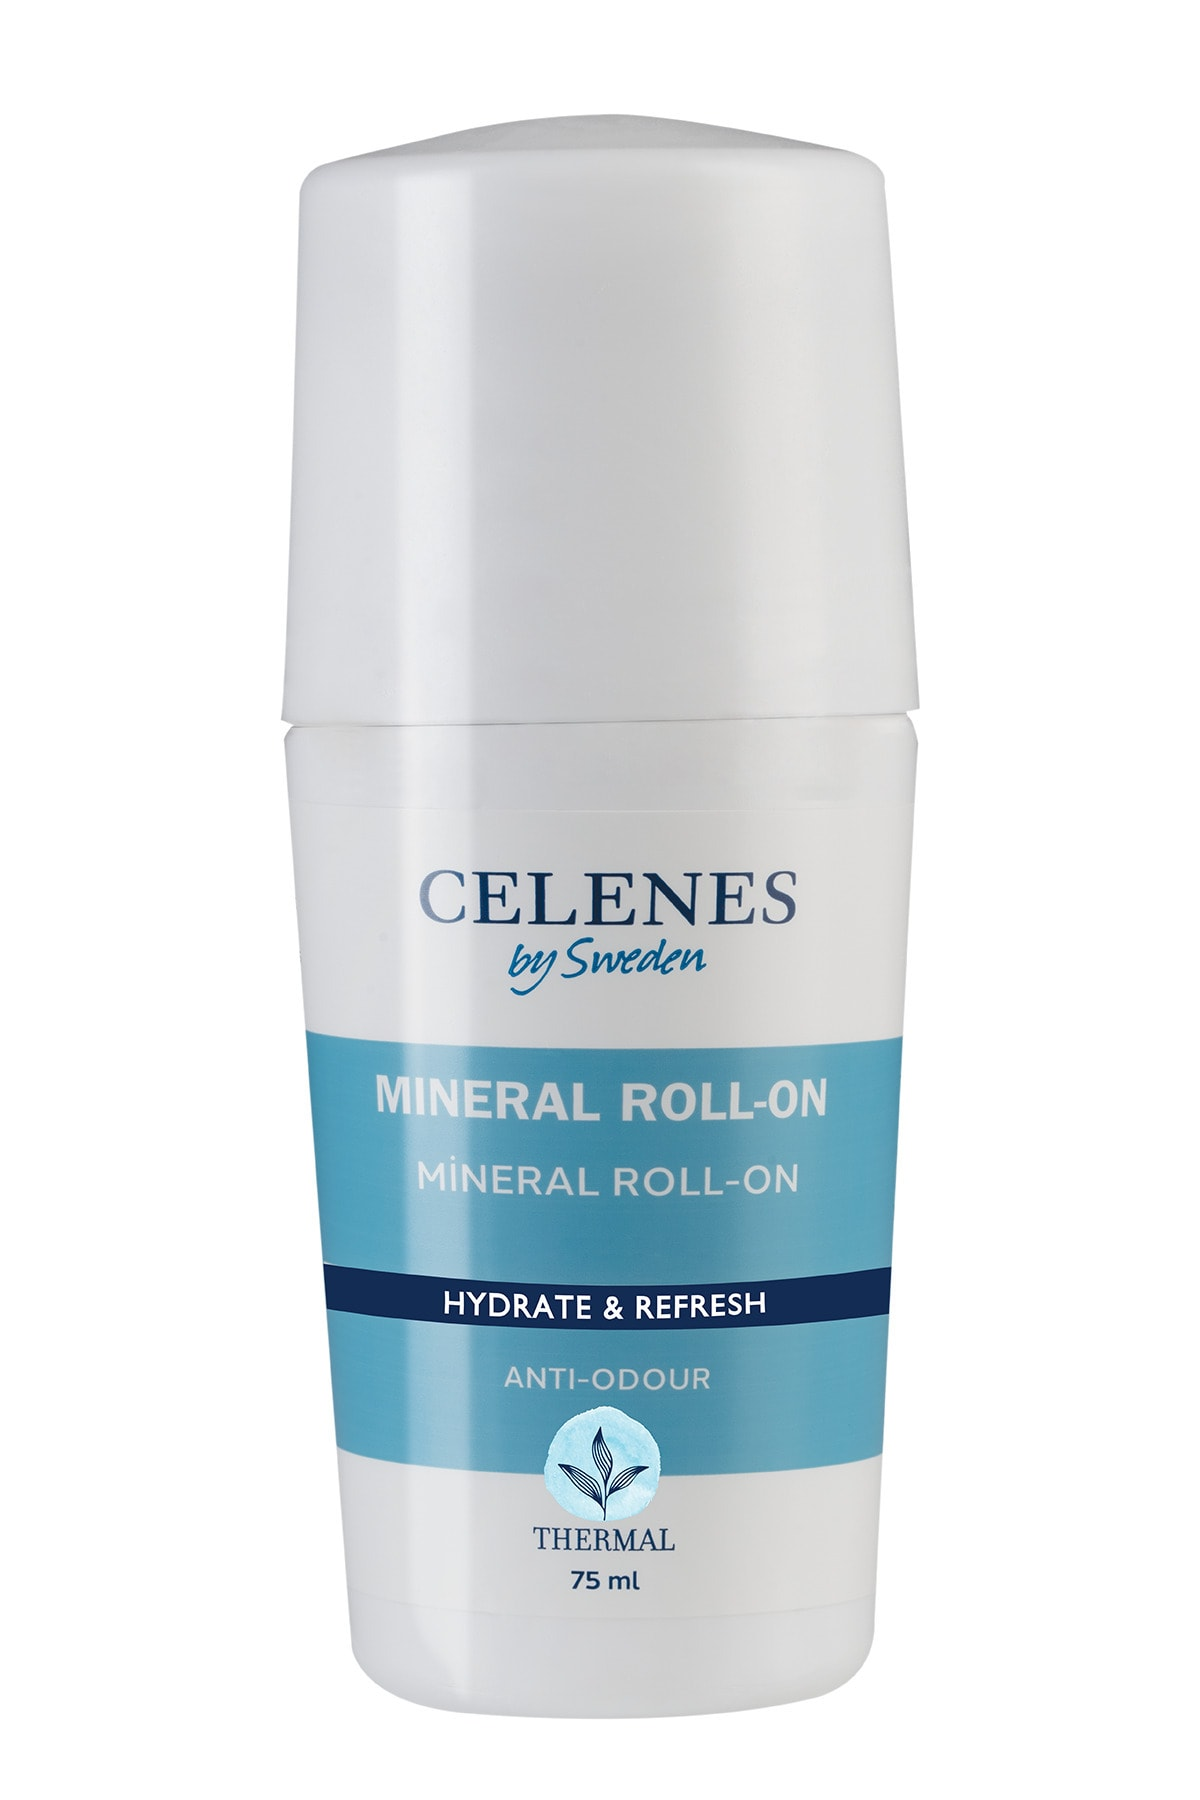 Celenes by Sweden Celenes Thermal Roll On 75ml Tum Cıltler 1